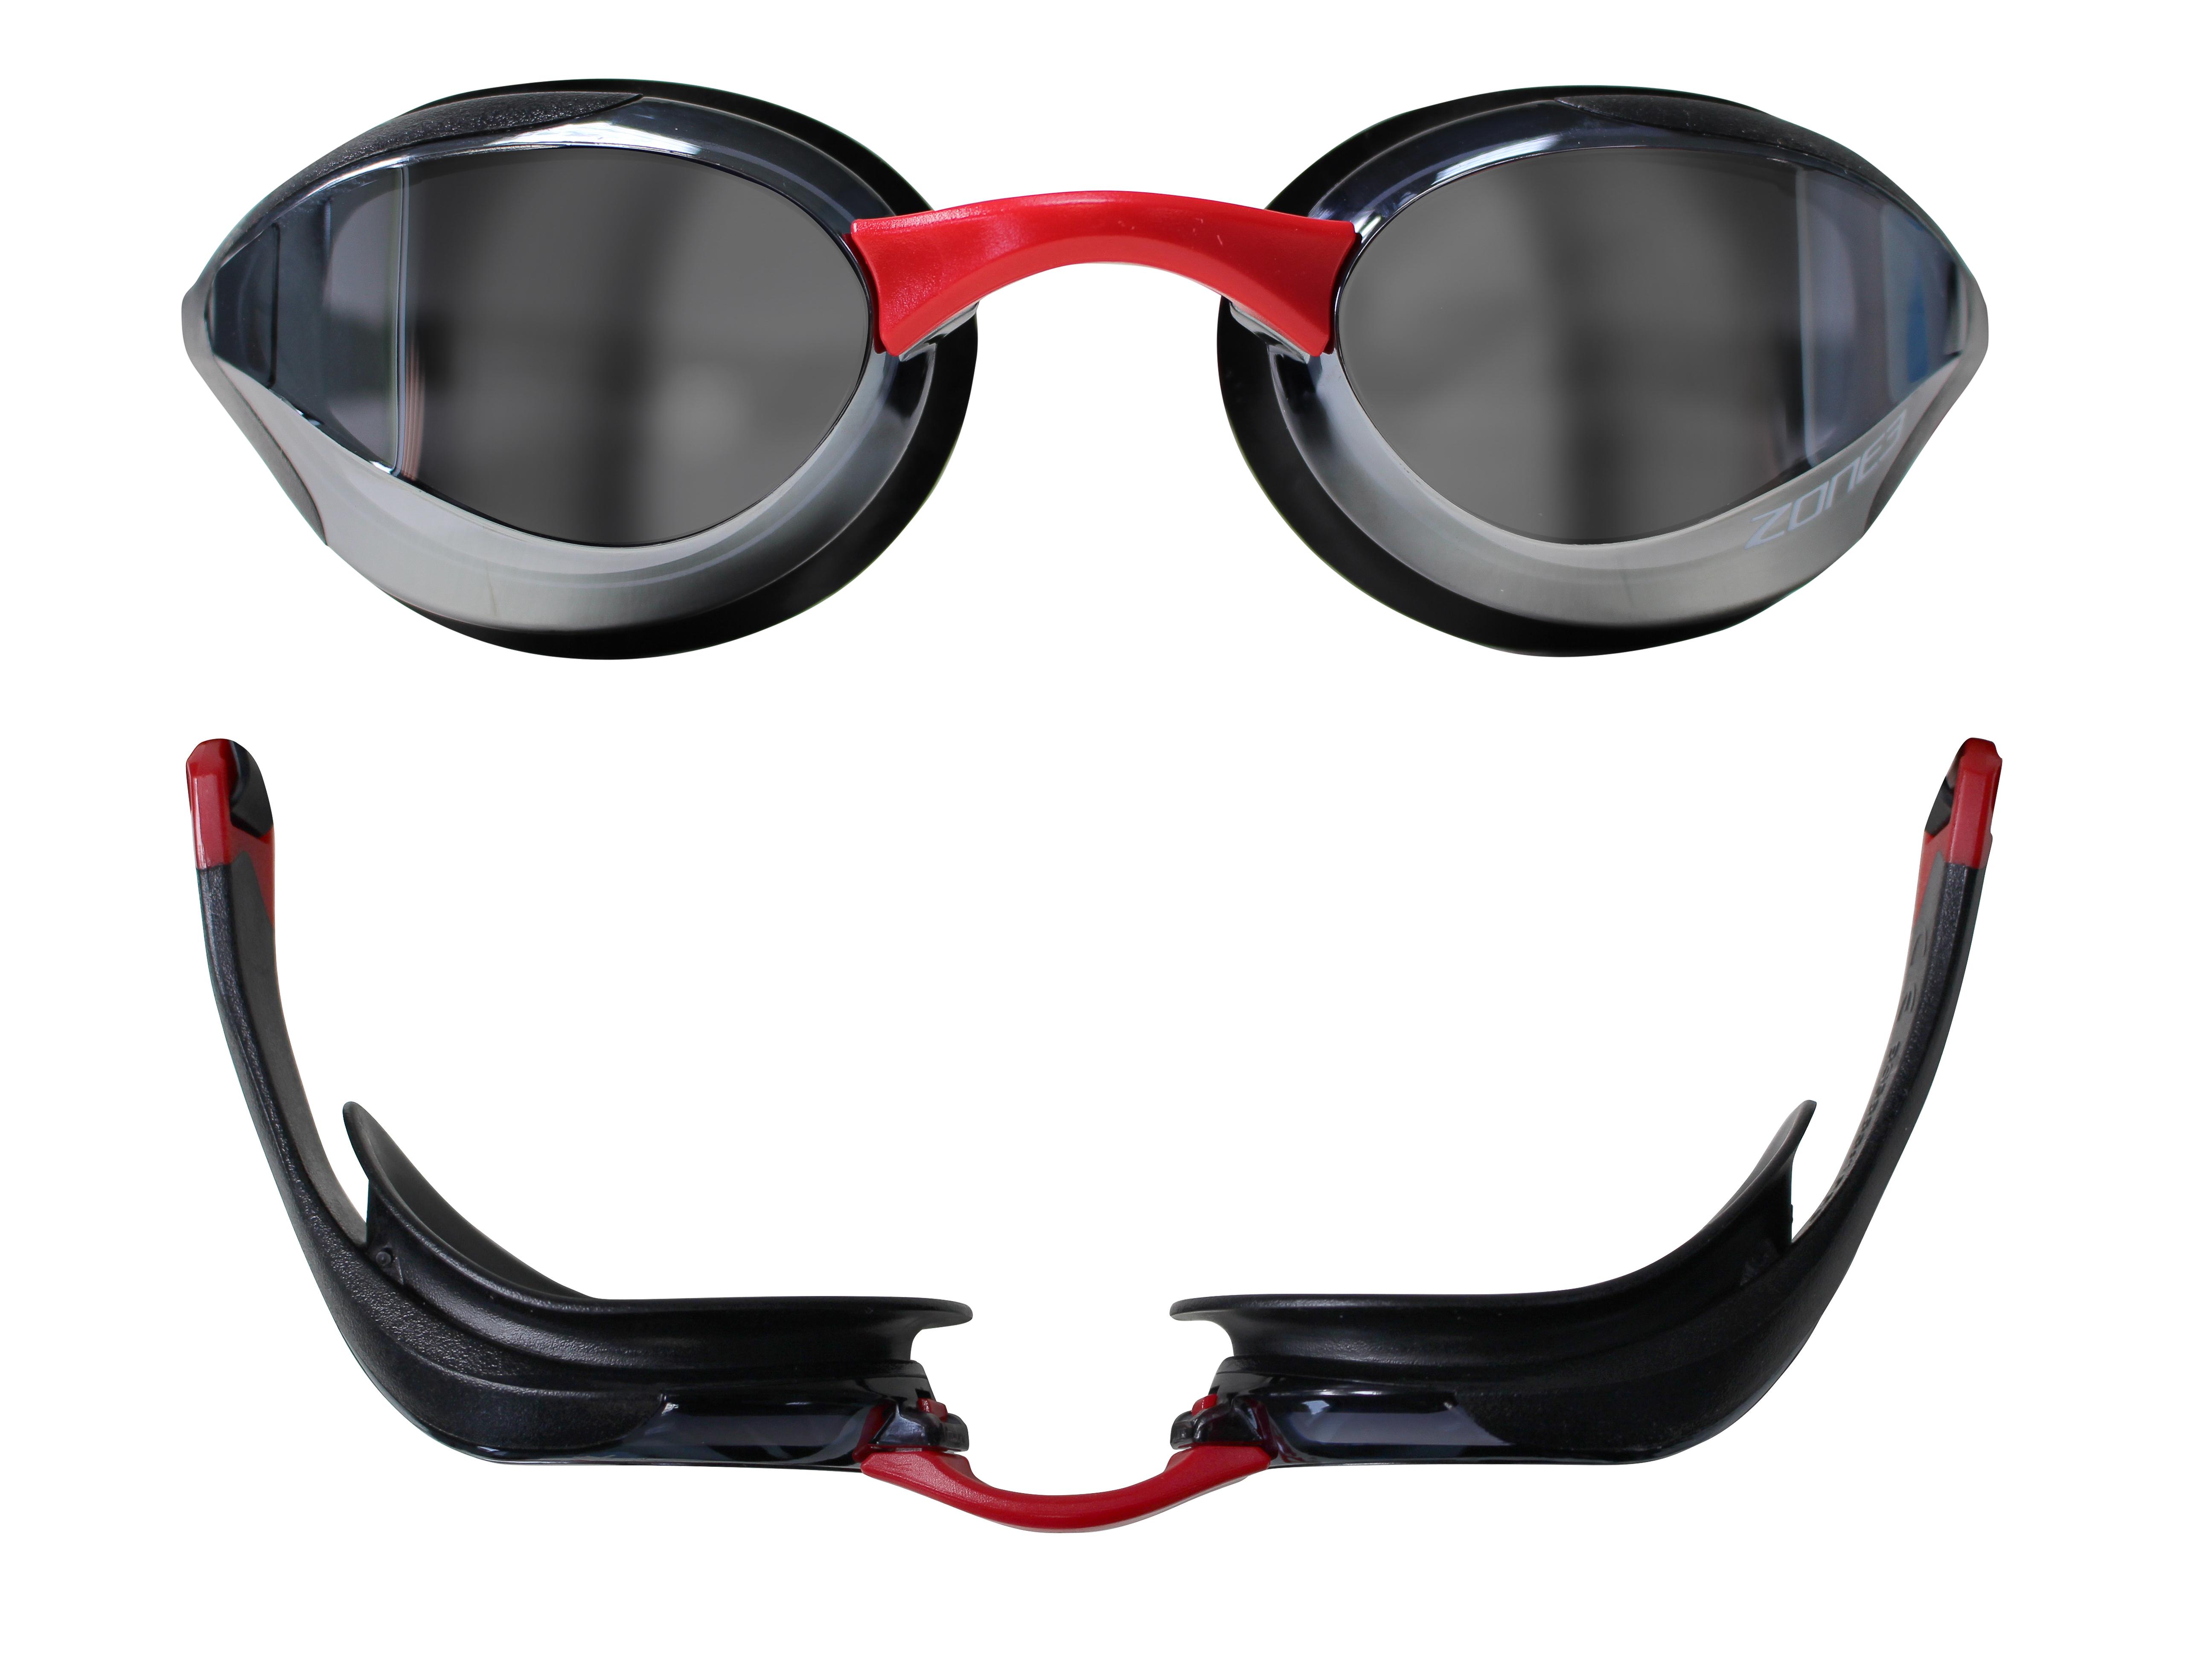 c22a3513092a1 Zone 3 Volare Triathlon Goggles